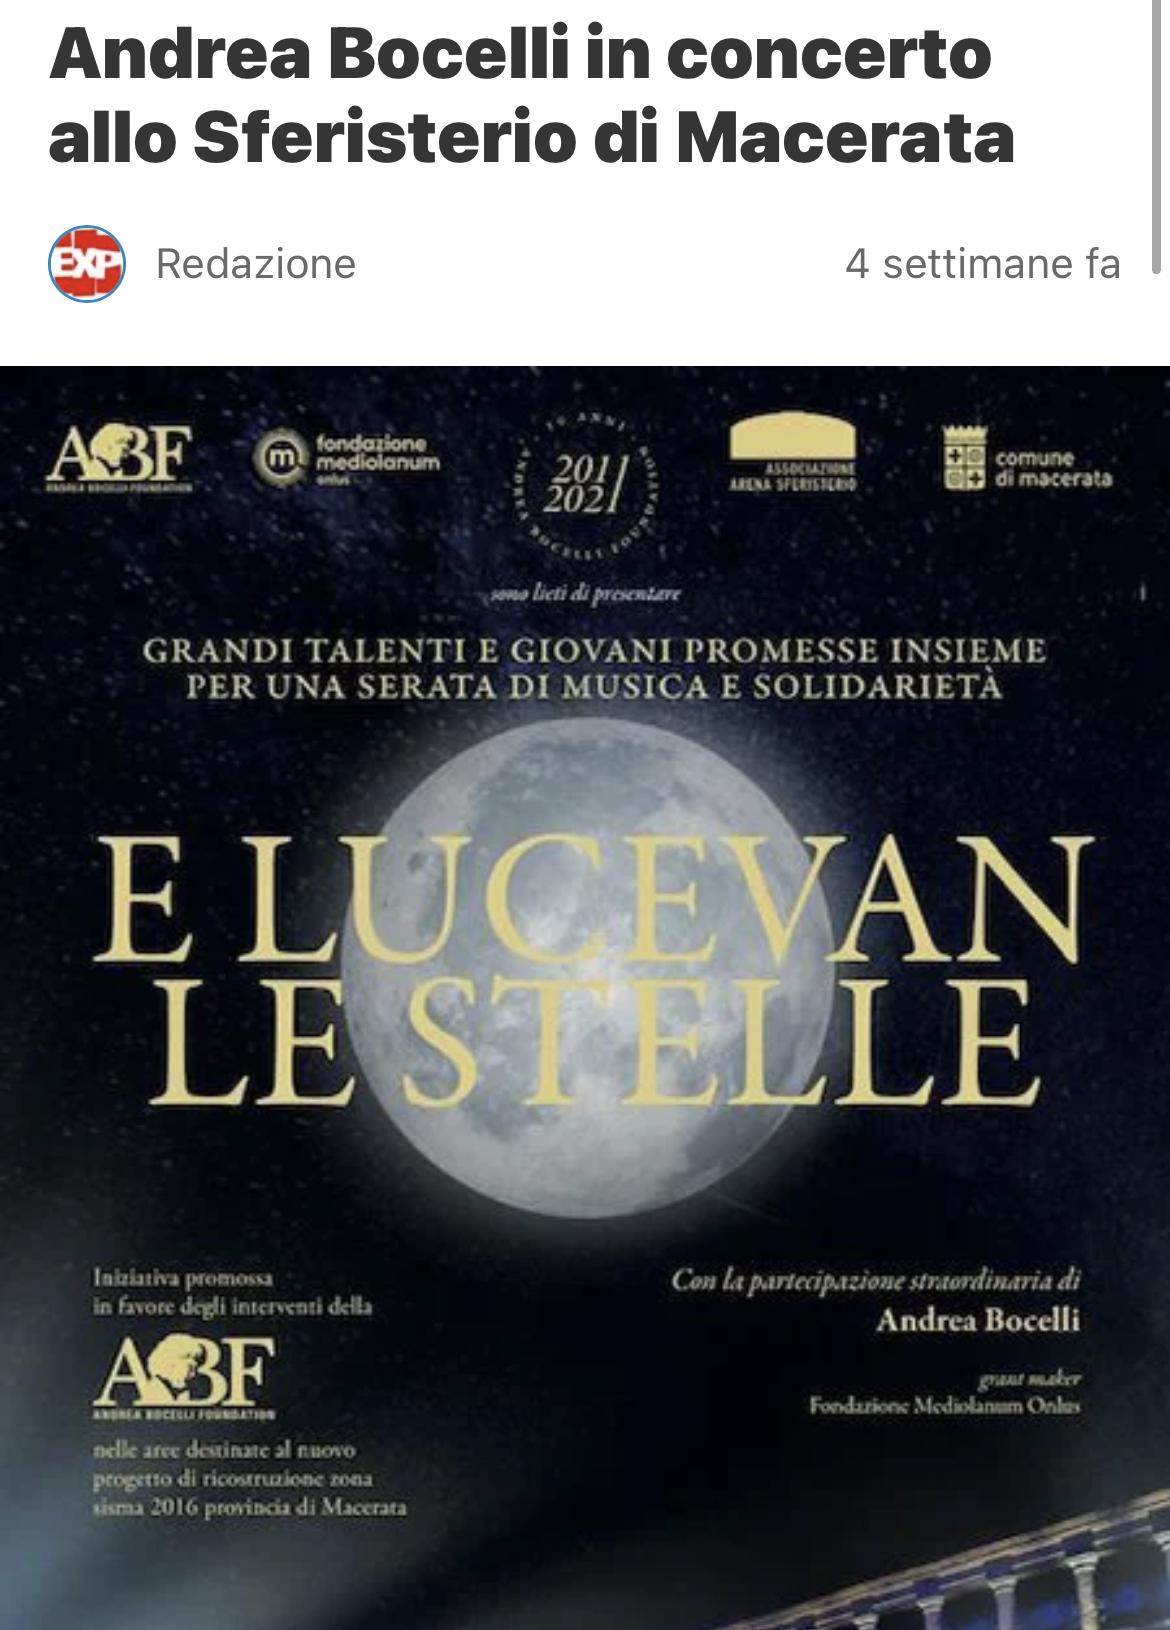 Andrea Bocelli a Macerata – Expartibus